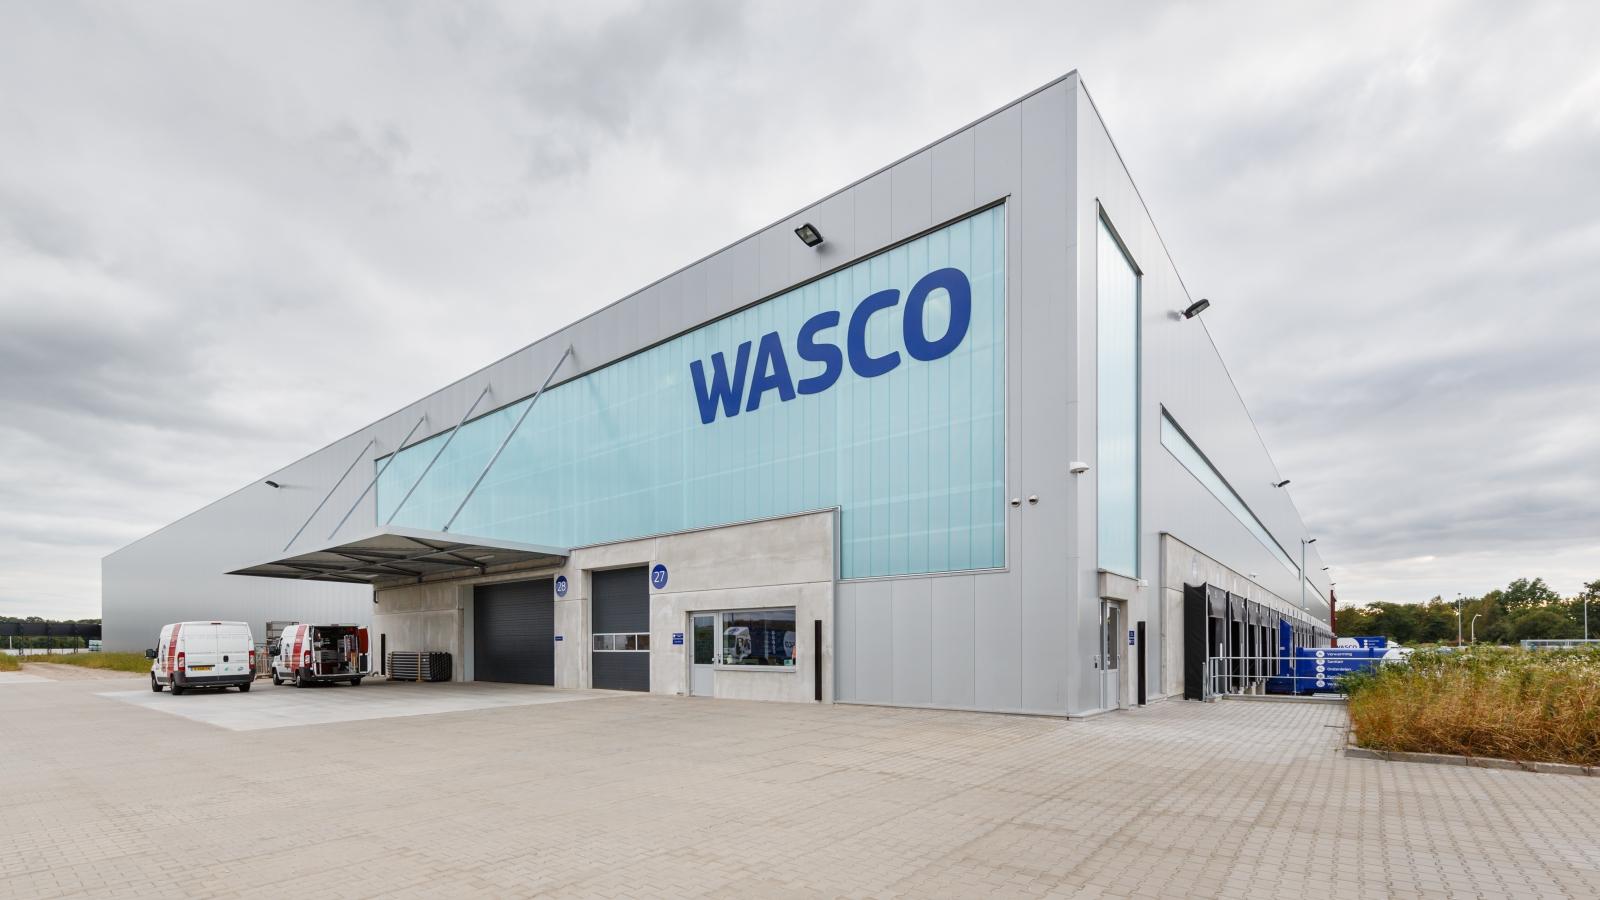 Duurzaam DC voor WASCO in Apeldoorn